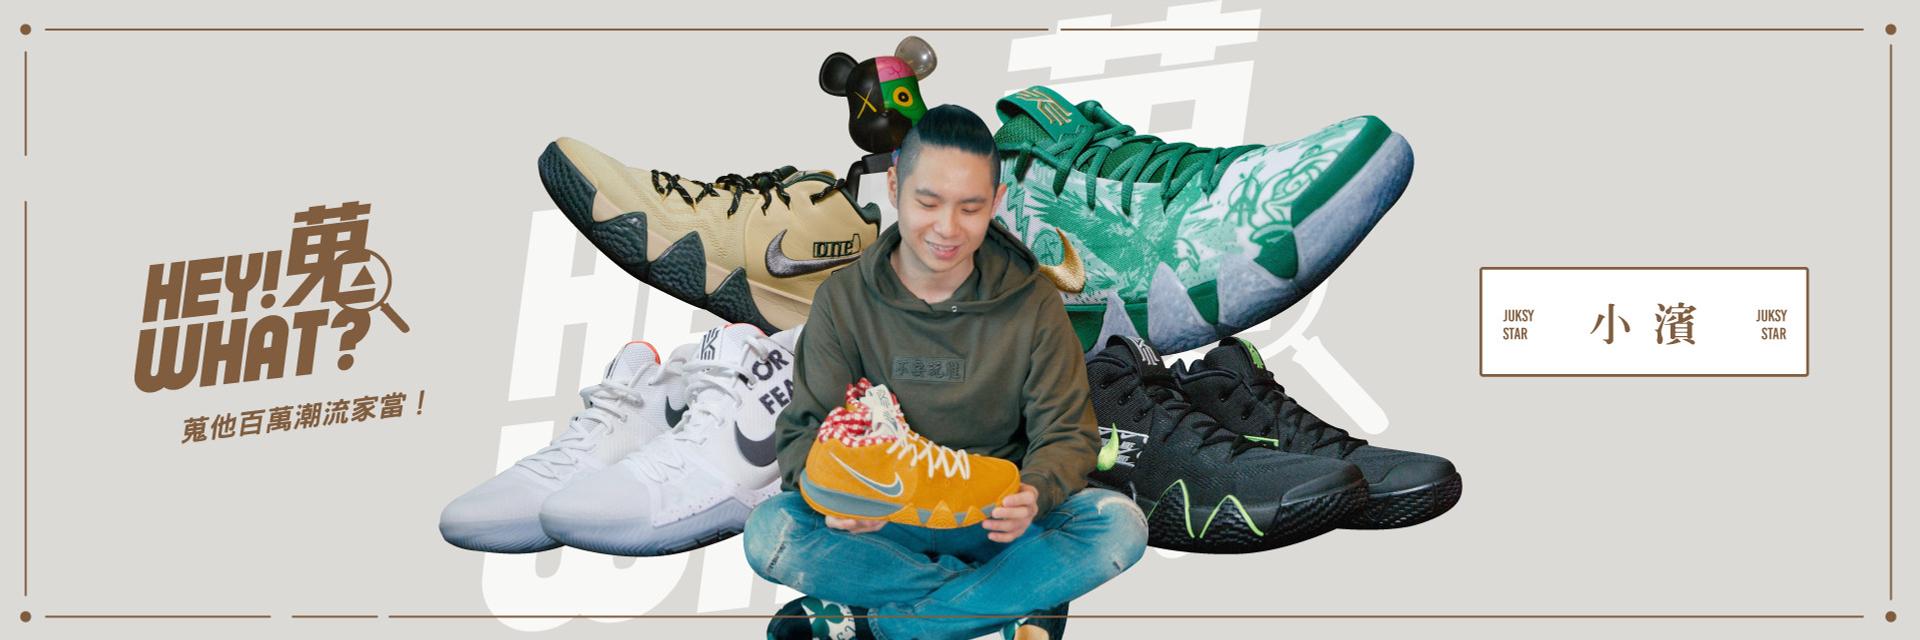 總量超過 1500 雙!直擊全世界 Kyrie 鞋款收藏第一人「小濱」家 厲害到連 Irving 都變他朋友!